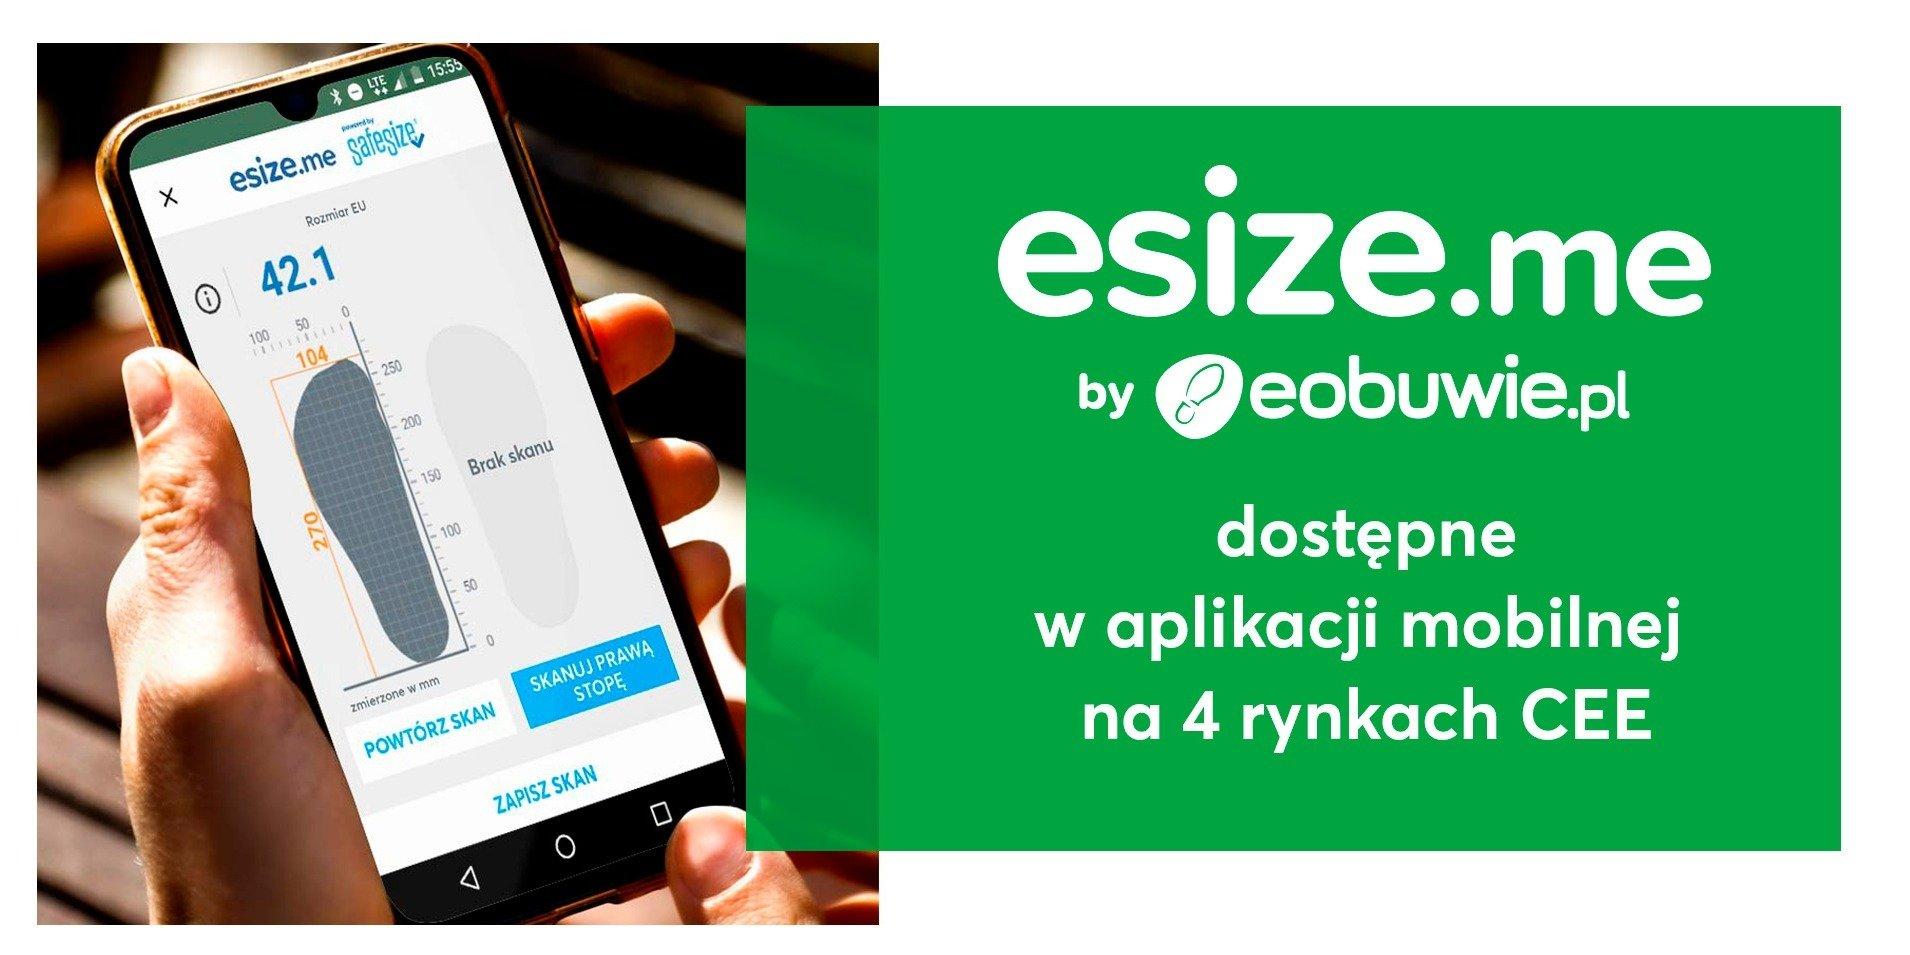 Eobuwie.pl udostępnia esize.me na rynkach zagranicznych